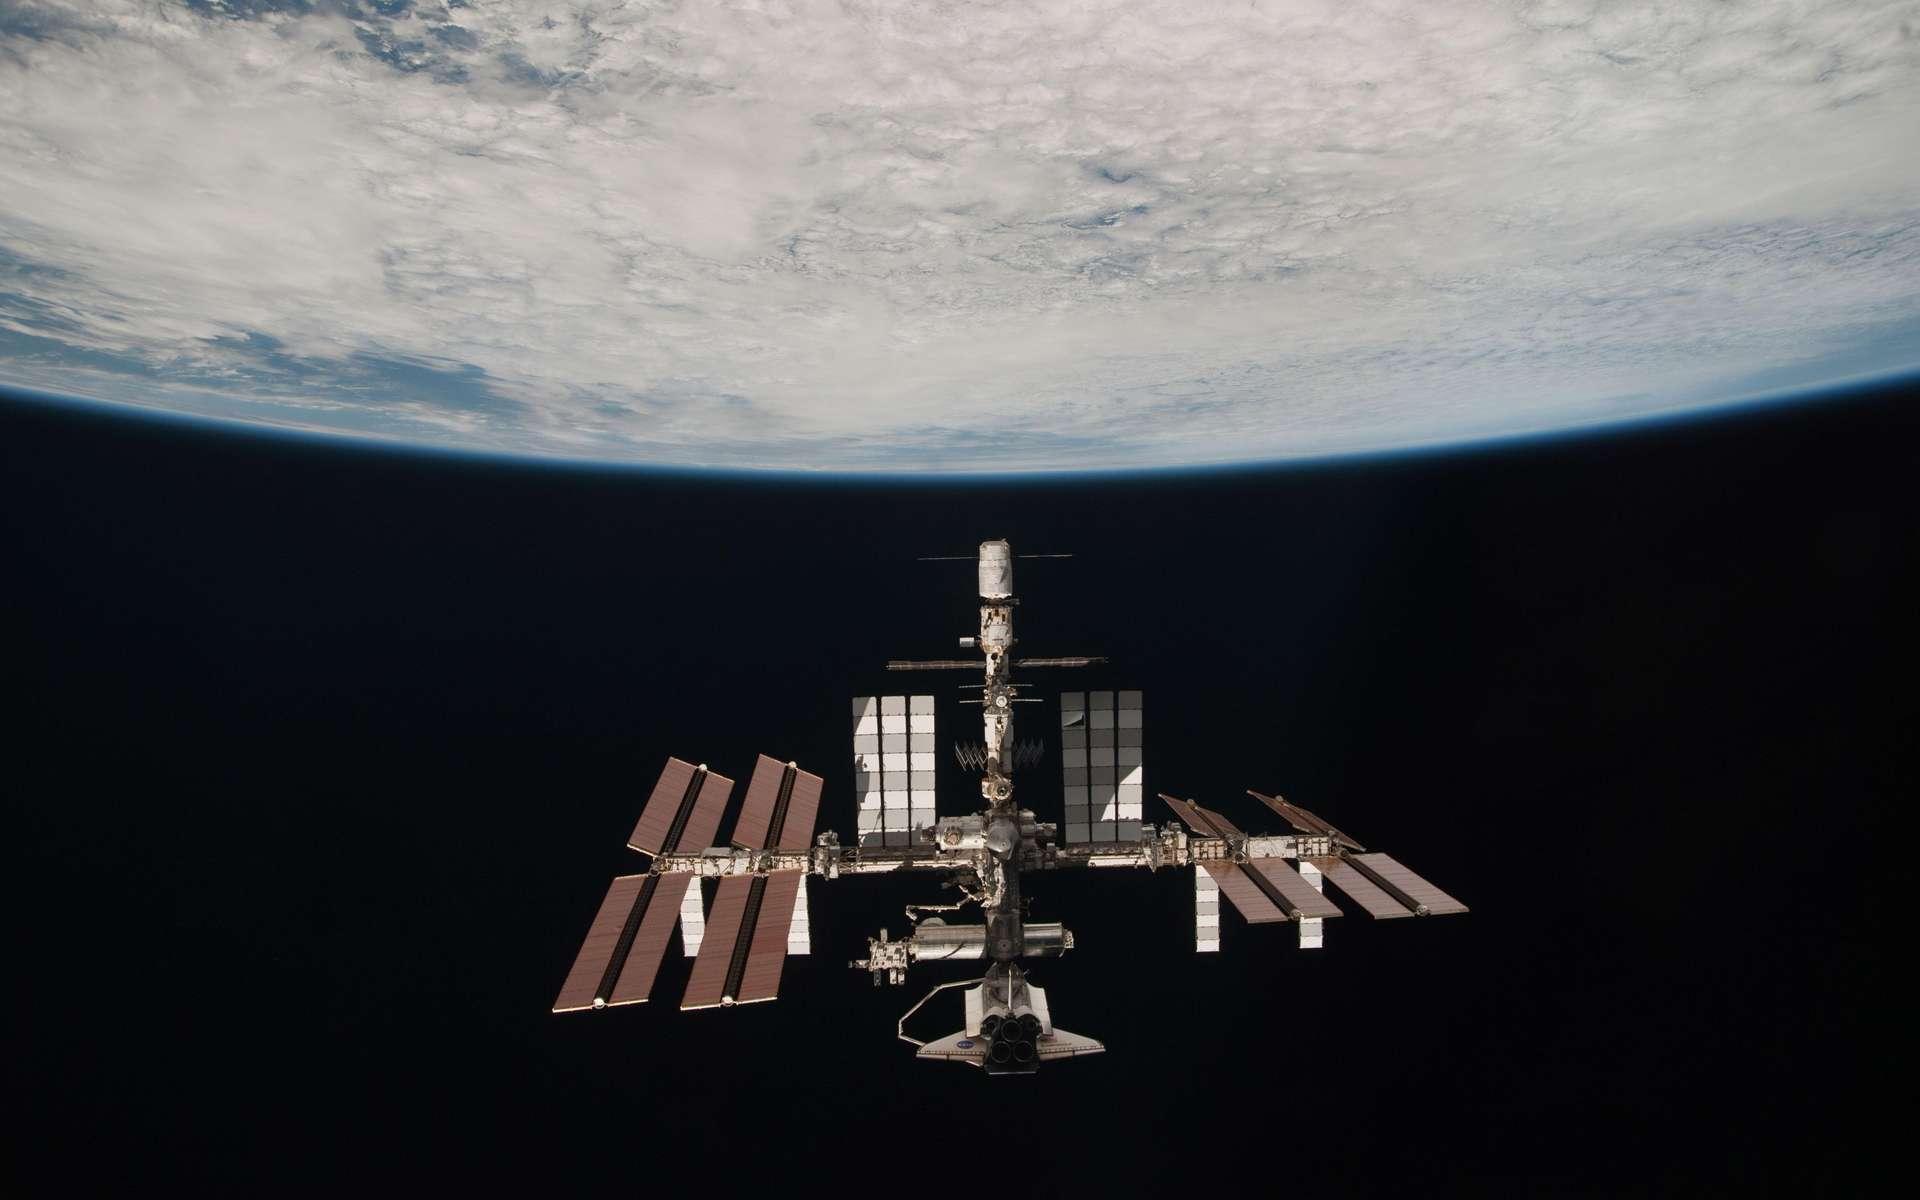 Portrait de famille de l'ISS, une image historique montrant ses vaisseaux d'accès (sauf le HTV japonais). © Nasa